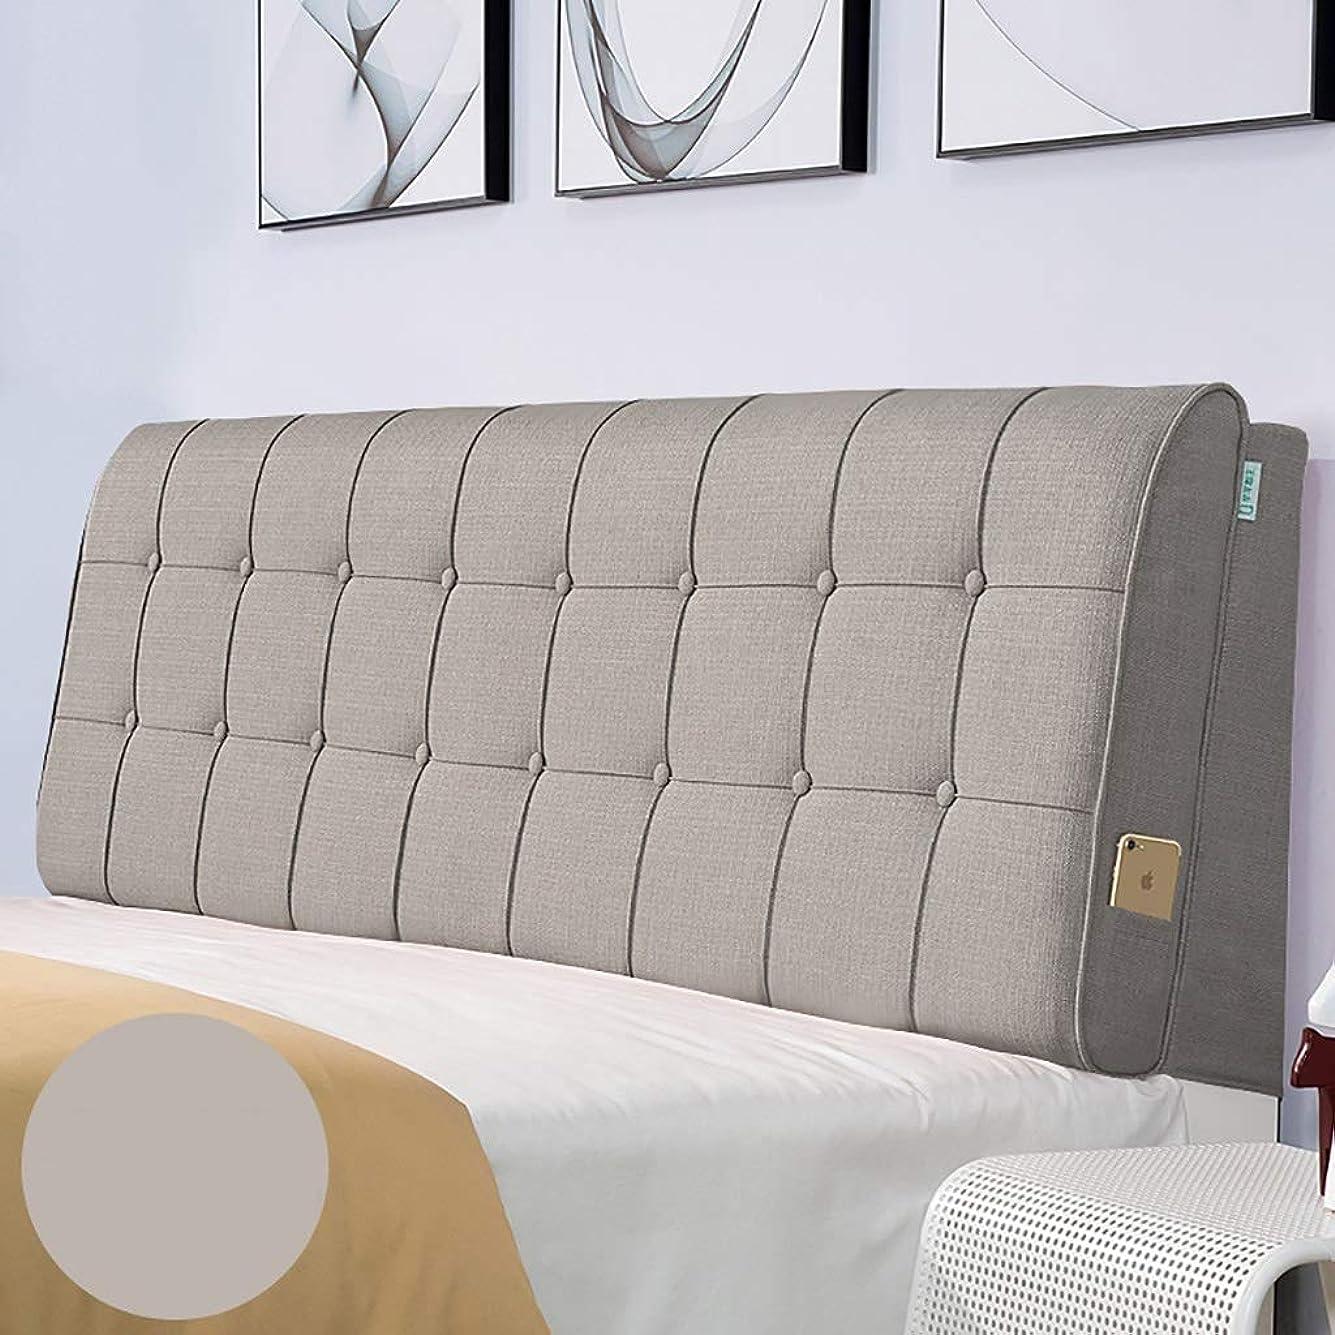 罰浮くブラストベッド枕 多色オプションのベッドヘッドクッションクッション大バックヘッドボードソフトカバー生地畳取り外し可能と洗える綿とリネン素材サイズ90センチメートル - 200センチメートルオプション 写真ベッド枕首まくら (色 : G g, サイズ さいず : No bed(120*60))